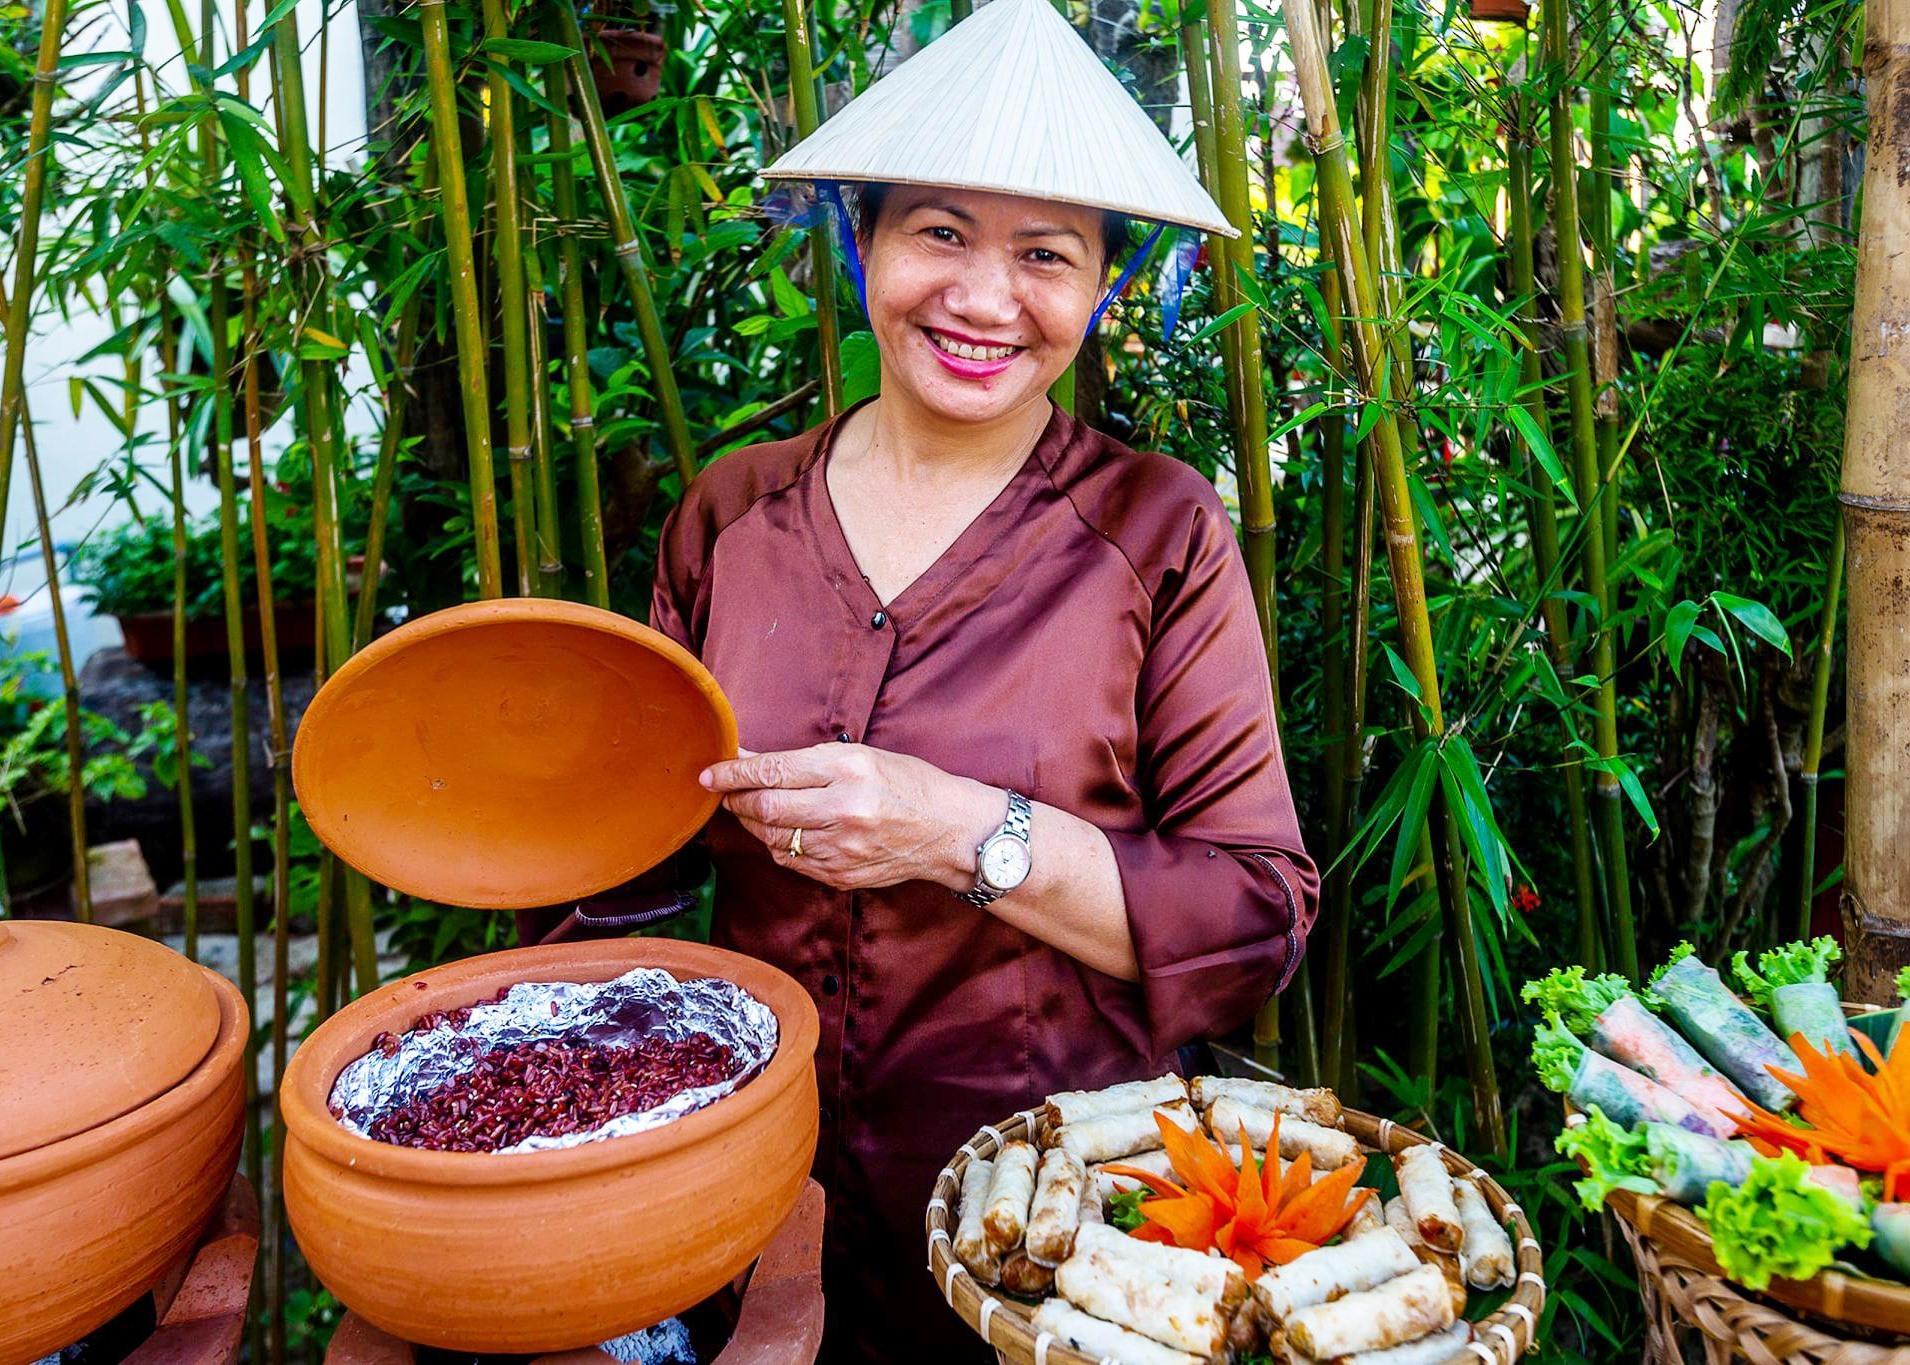 Các bữa tiệc buffet tại nhà hàng chay đều mang đậm phong cách làng quê Việt xưa, tạo sự gần gũi cho thực khách.